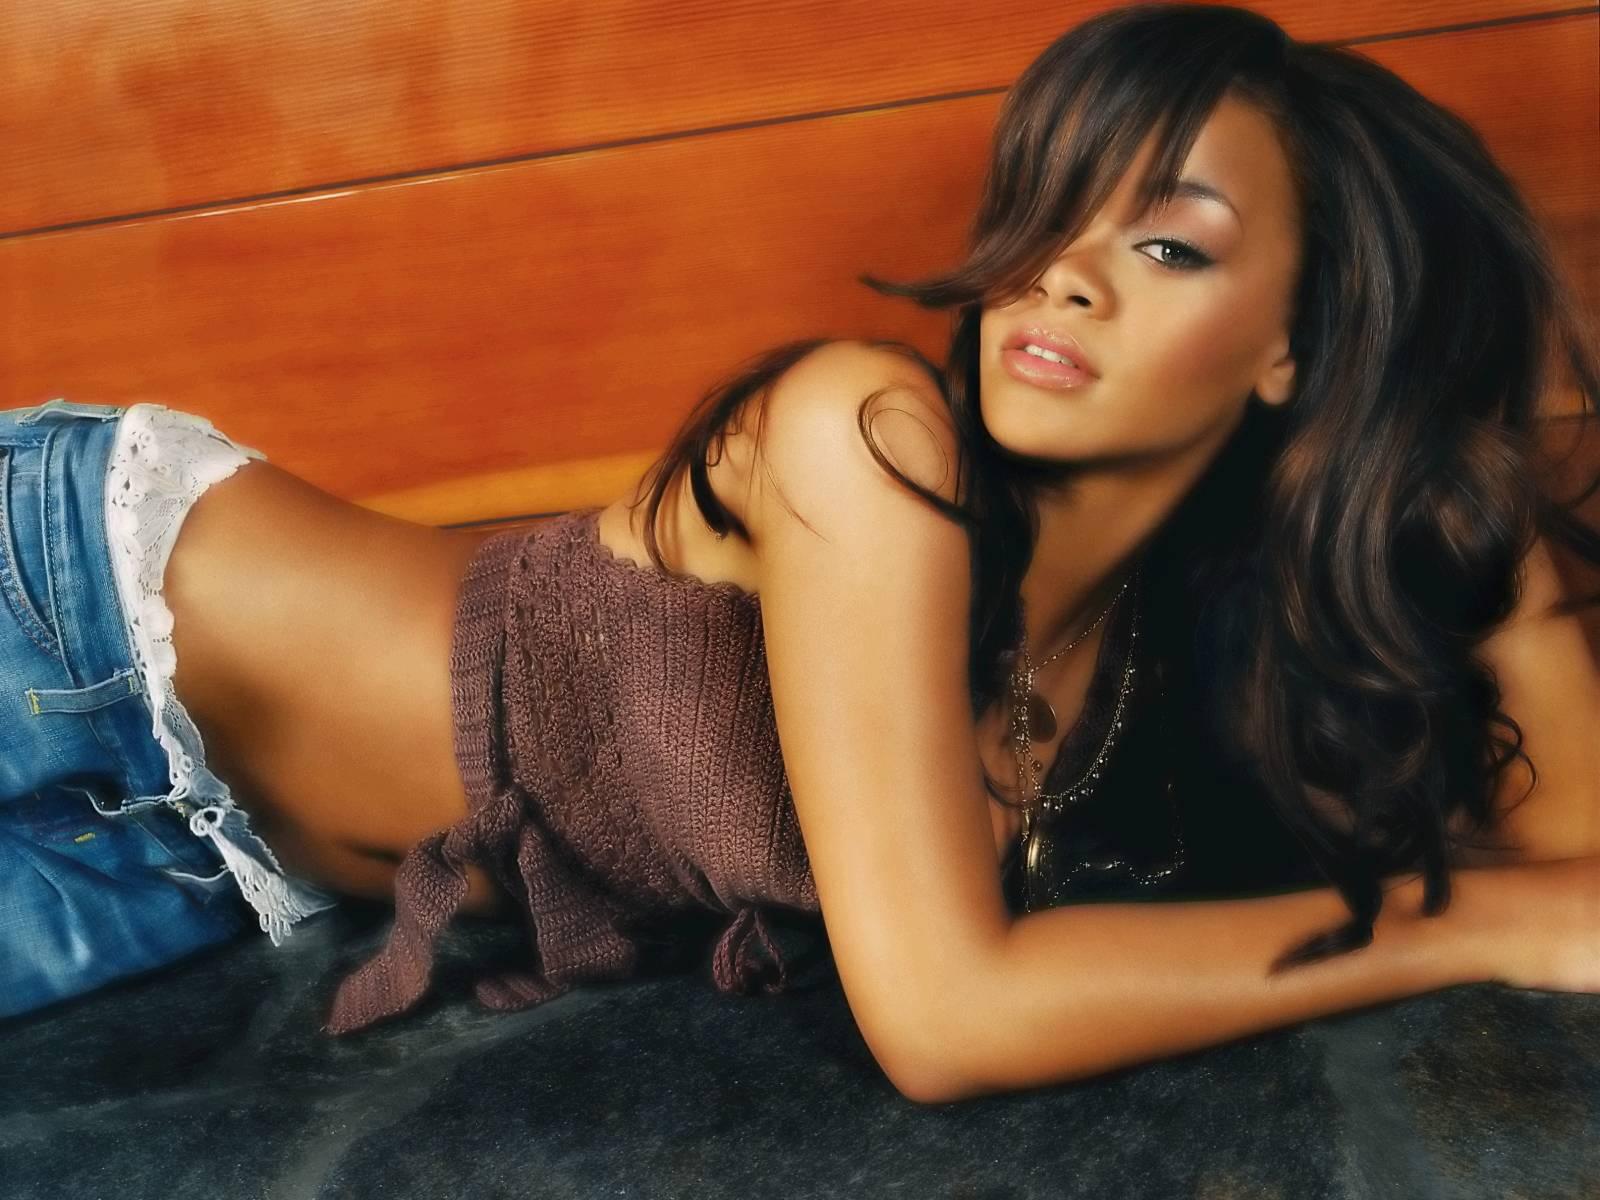 http://3.bp.blogspot.com/_2IU2Nt4rD1k/TCGzLDZPN7I/AAAAAAAABvU/lVH_UH9tf5M/s1600/Rihanna%2Bwallpapers%2Bhq%2B(1).jpg